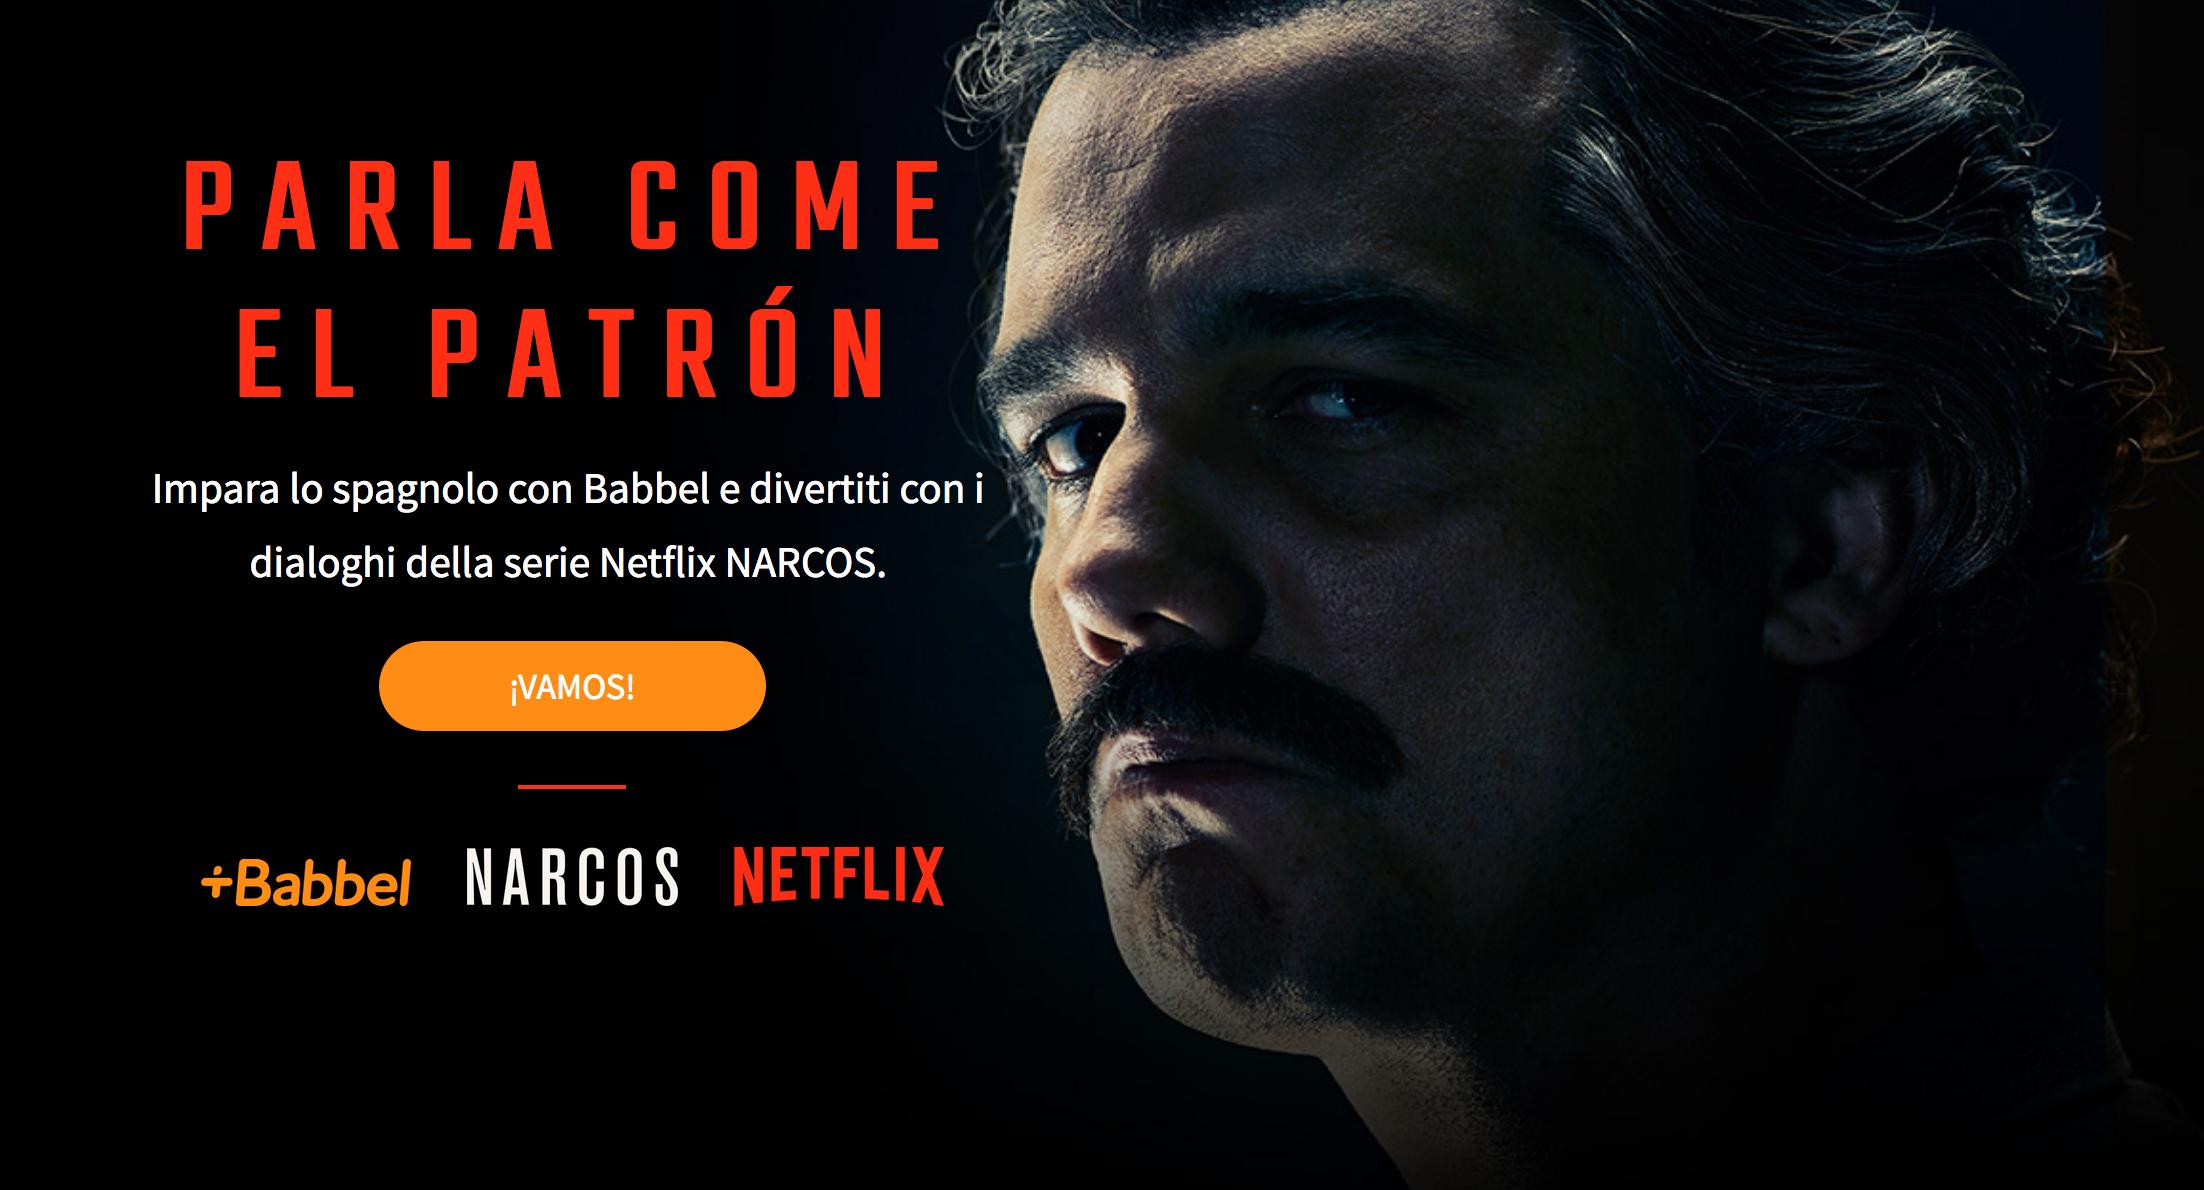 Alla scuola di spagnolo di Pablo Escobar